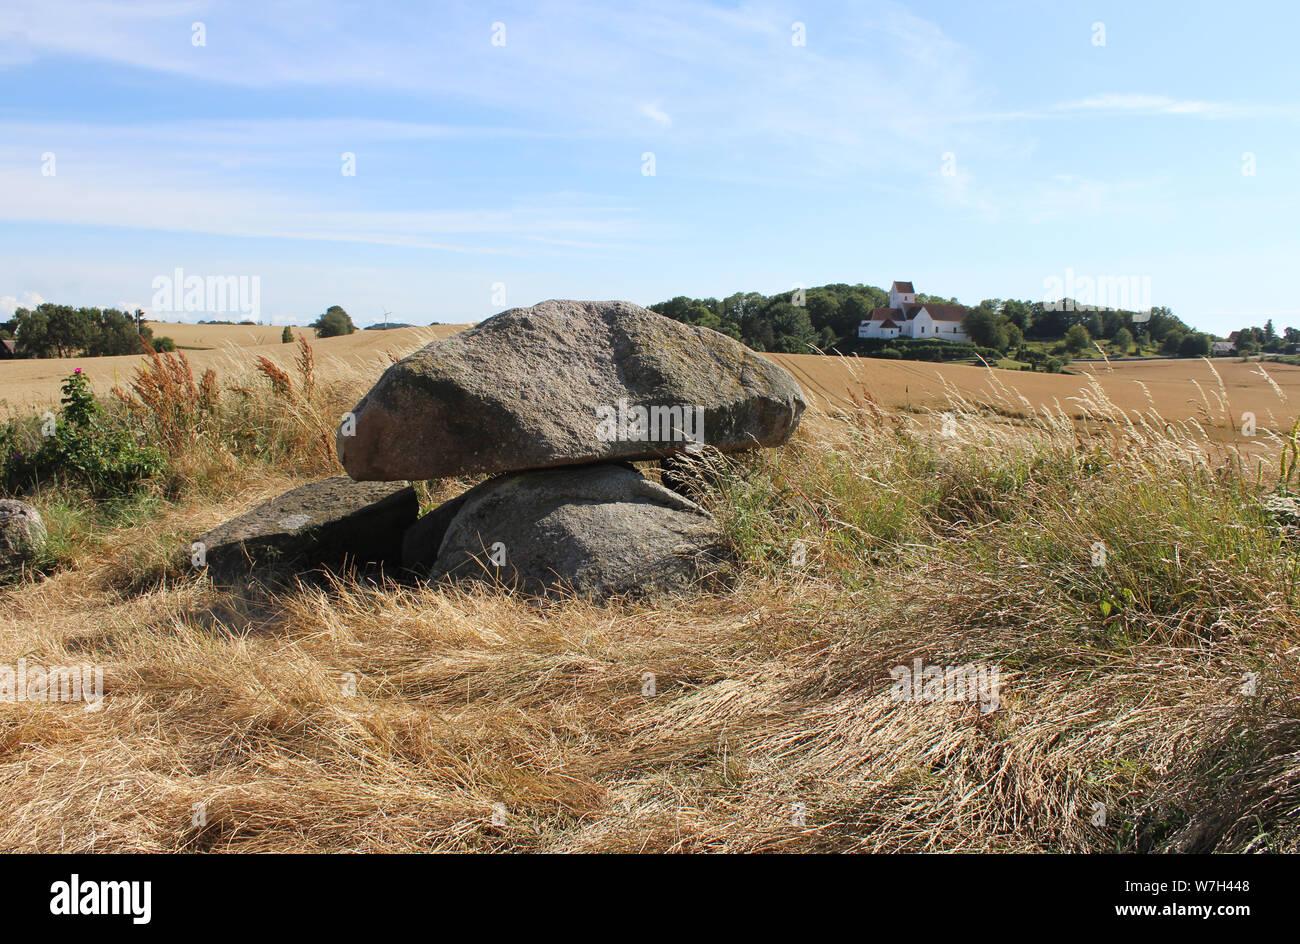 Dolmen de Kong humilla grave e Iglesia humilde en el fondo con escenas rurales circundantes. Langeland, Dinamarca. Foto de stock